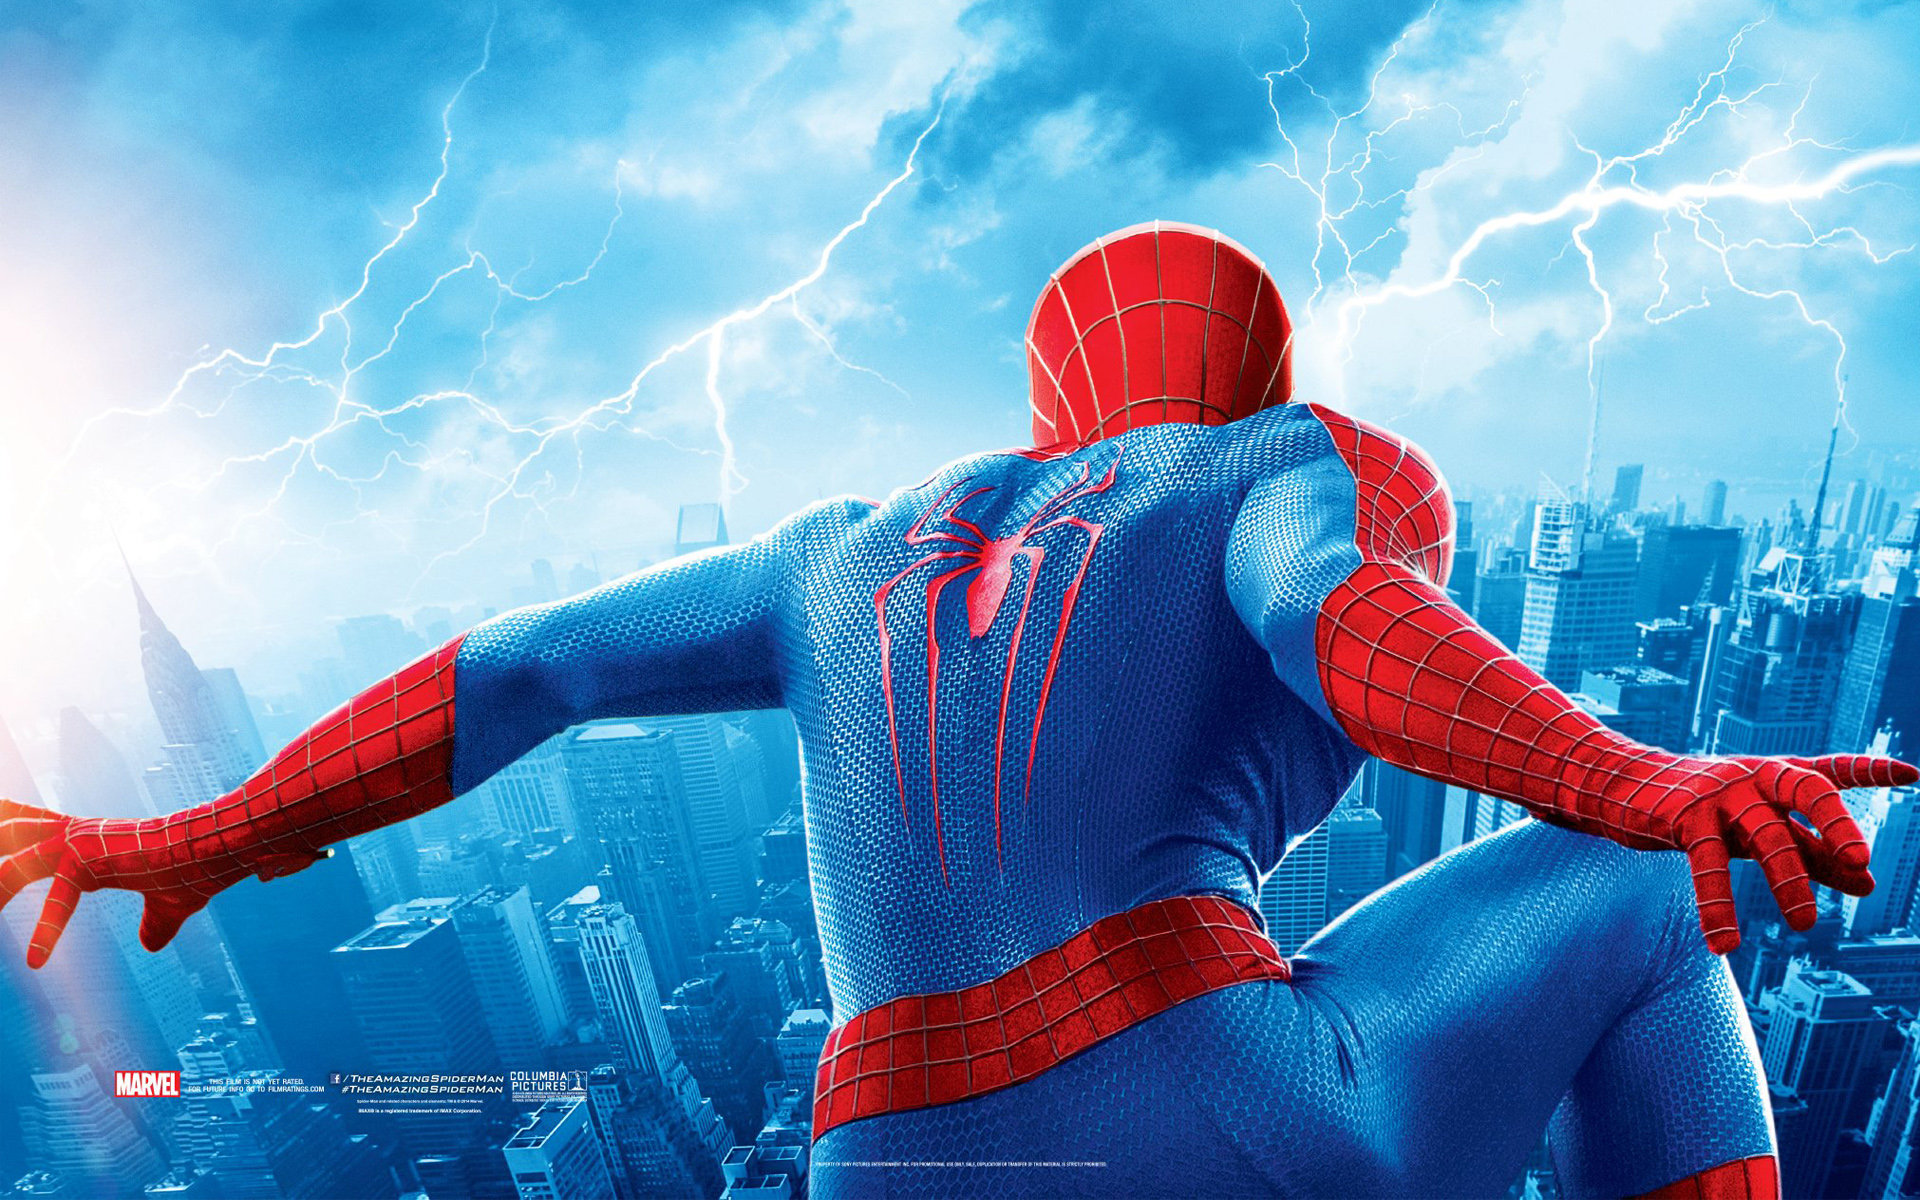 Посмотреть новый человек паук высокое напряжение 16 фотография